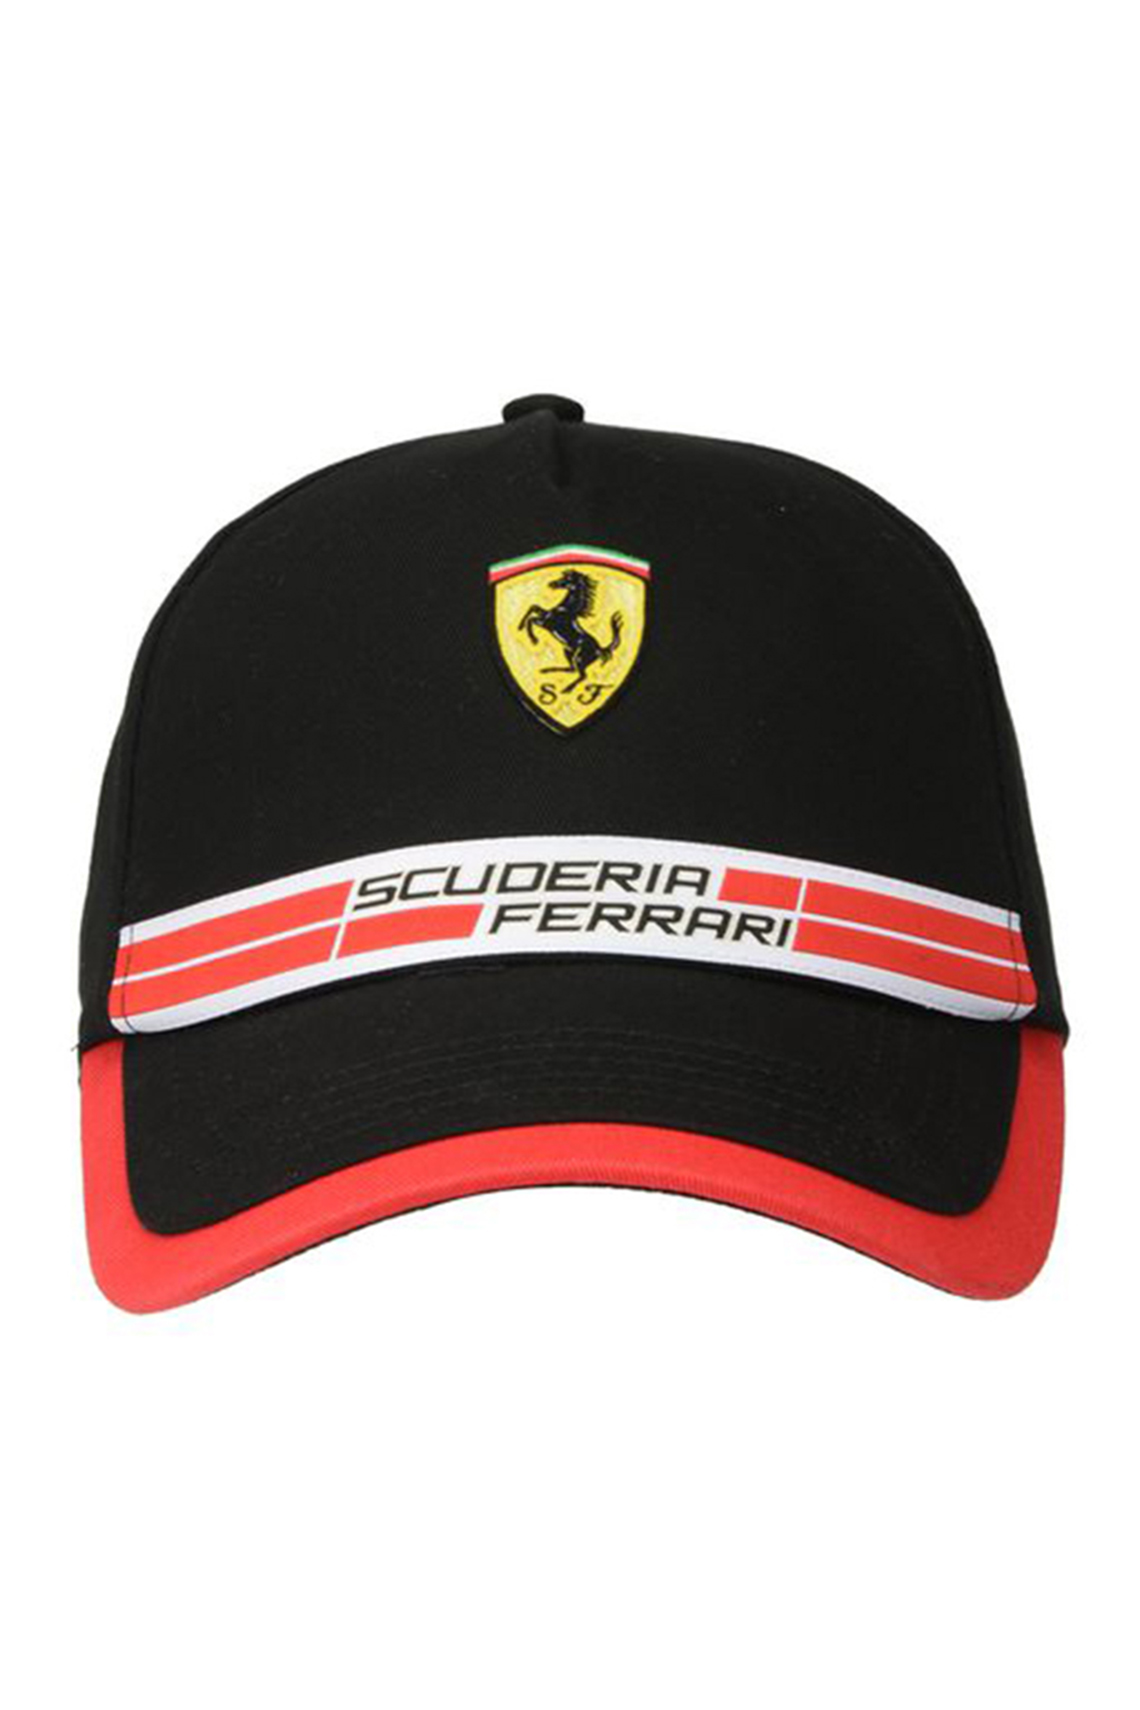 Кепка Ferrari купить в Киеве aa54dcee027c3